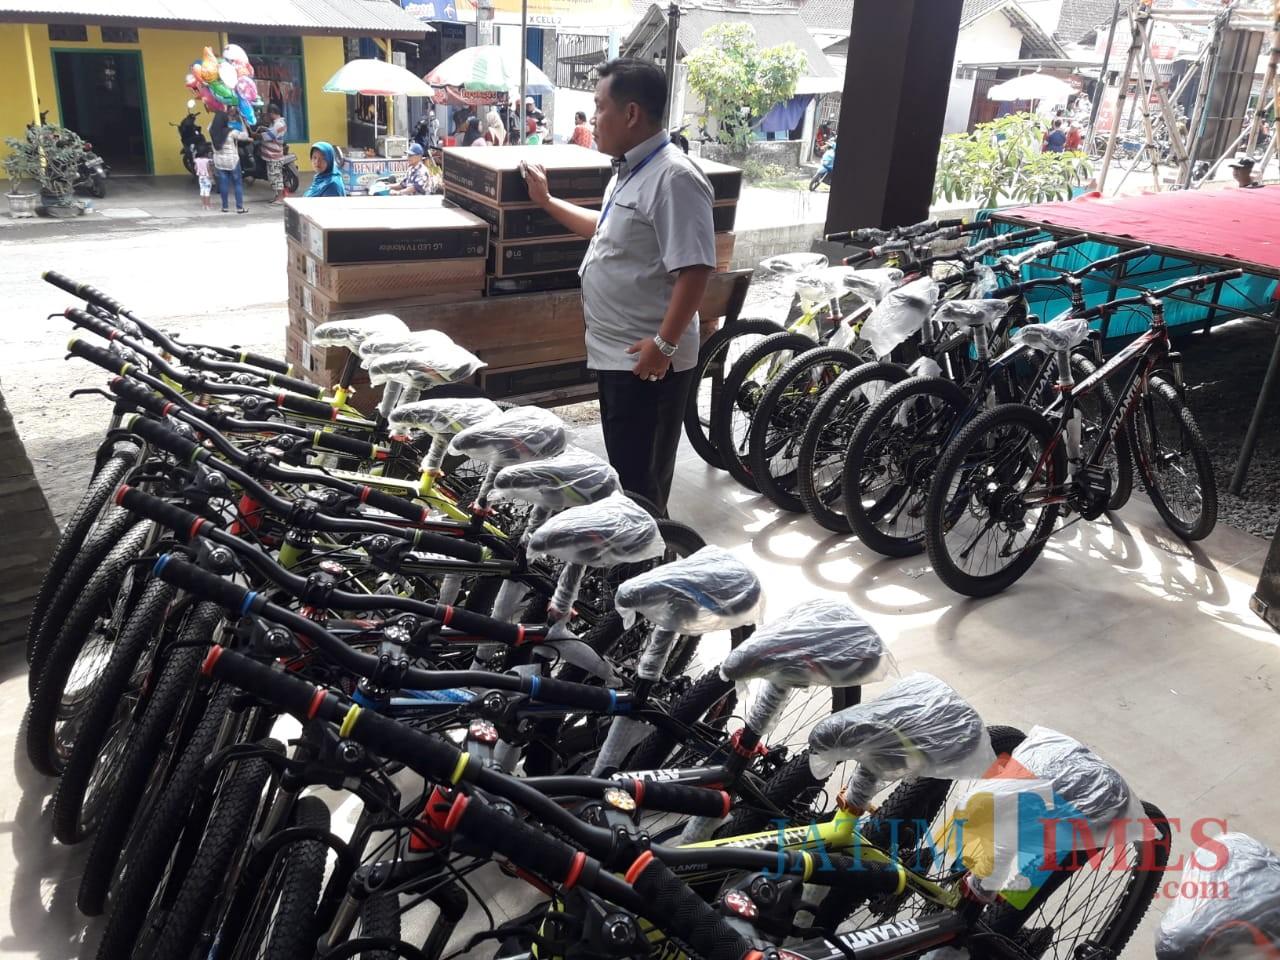 Sejumlah sepeda dan dorr prize yang dibagikan untuk meningkatkan partisipasi masyarakat (foto : Joko Pramono/Jatim Times)